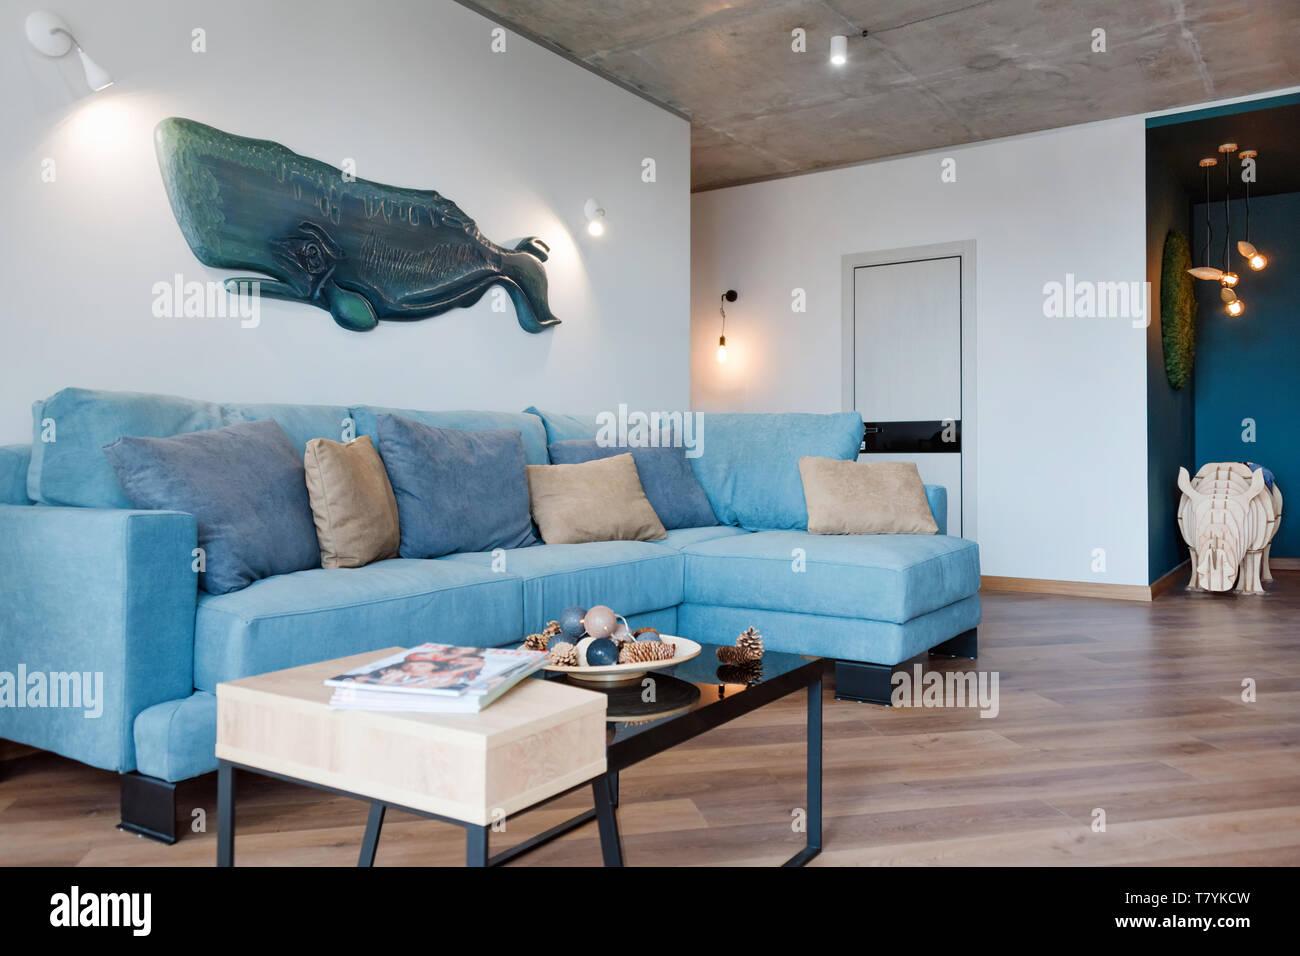 https www alamyimages fr moderne minimaliste salon avec canape de style loft a plat studio loft moderne avec salle de sejour ouvrir un espace interieur en style scandinave avec image245855705 html